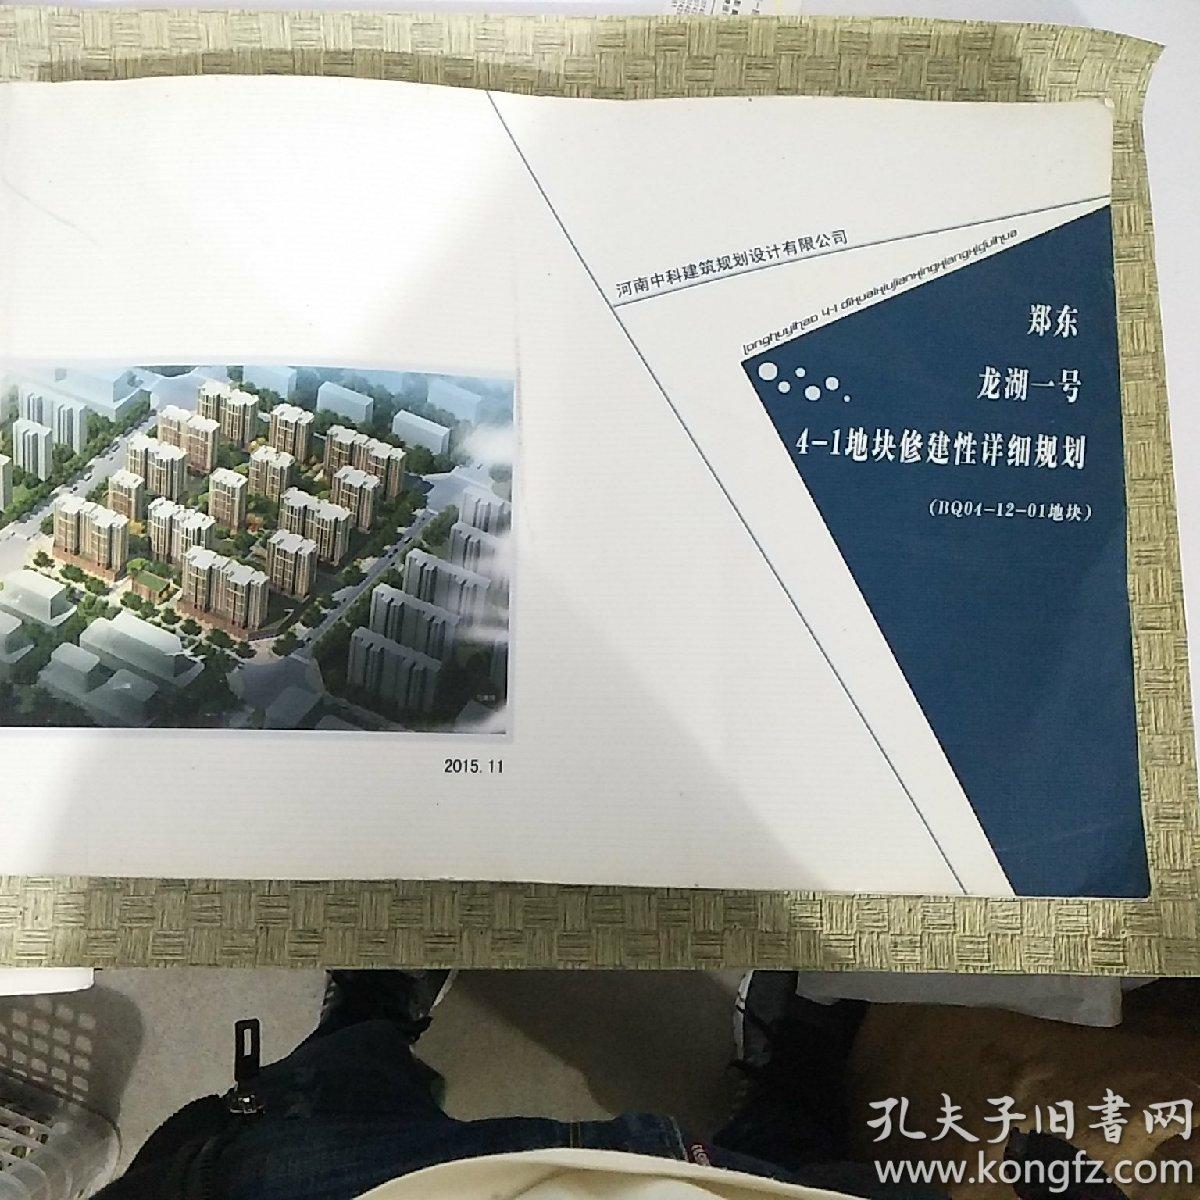 郑东龙湖一号 4-1地块修建性详细规划